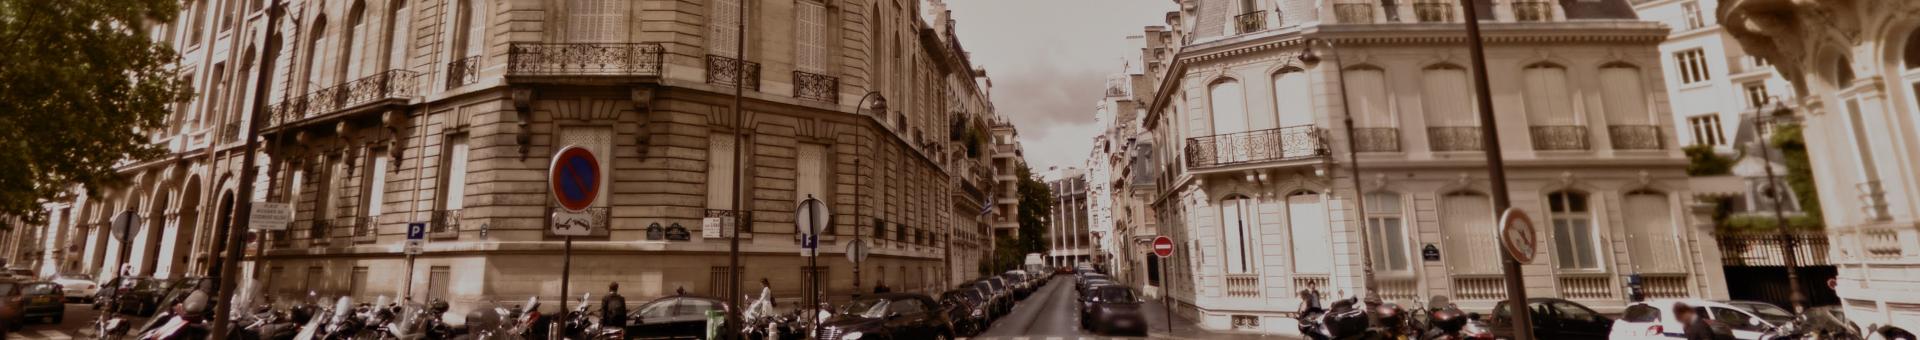 paris-place